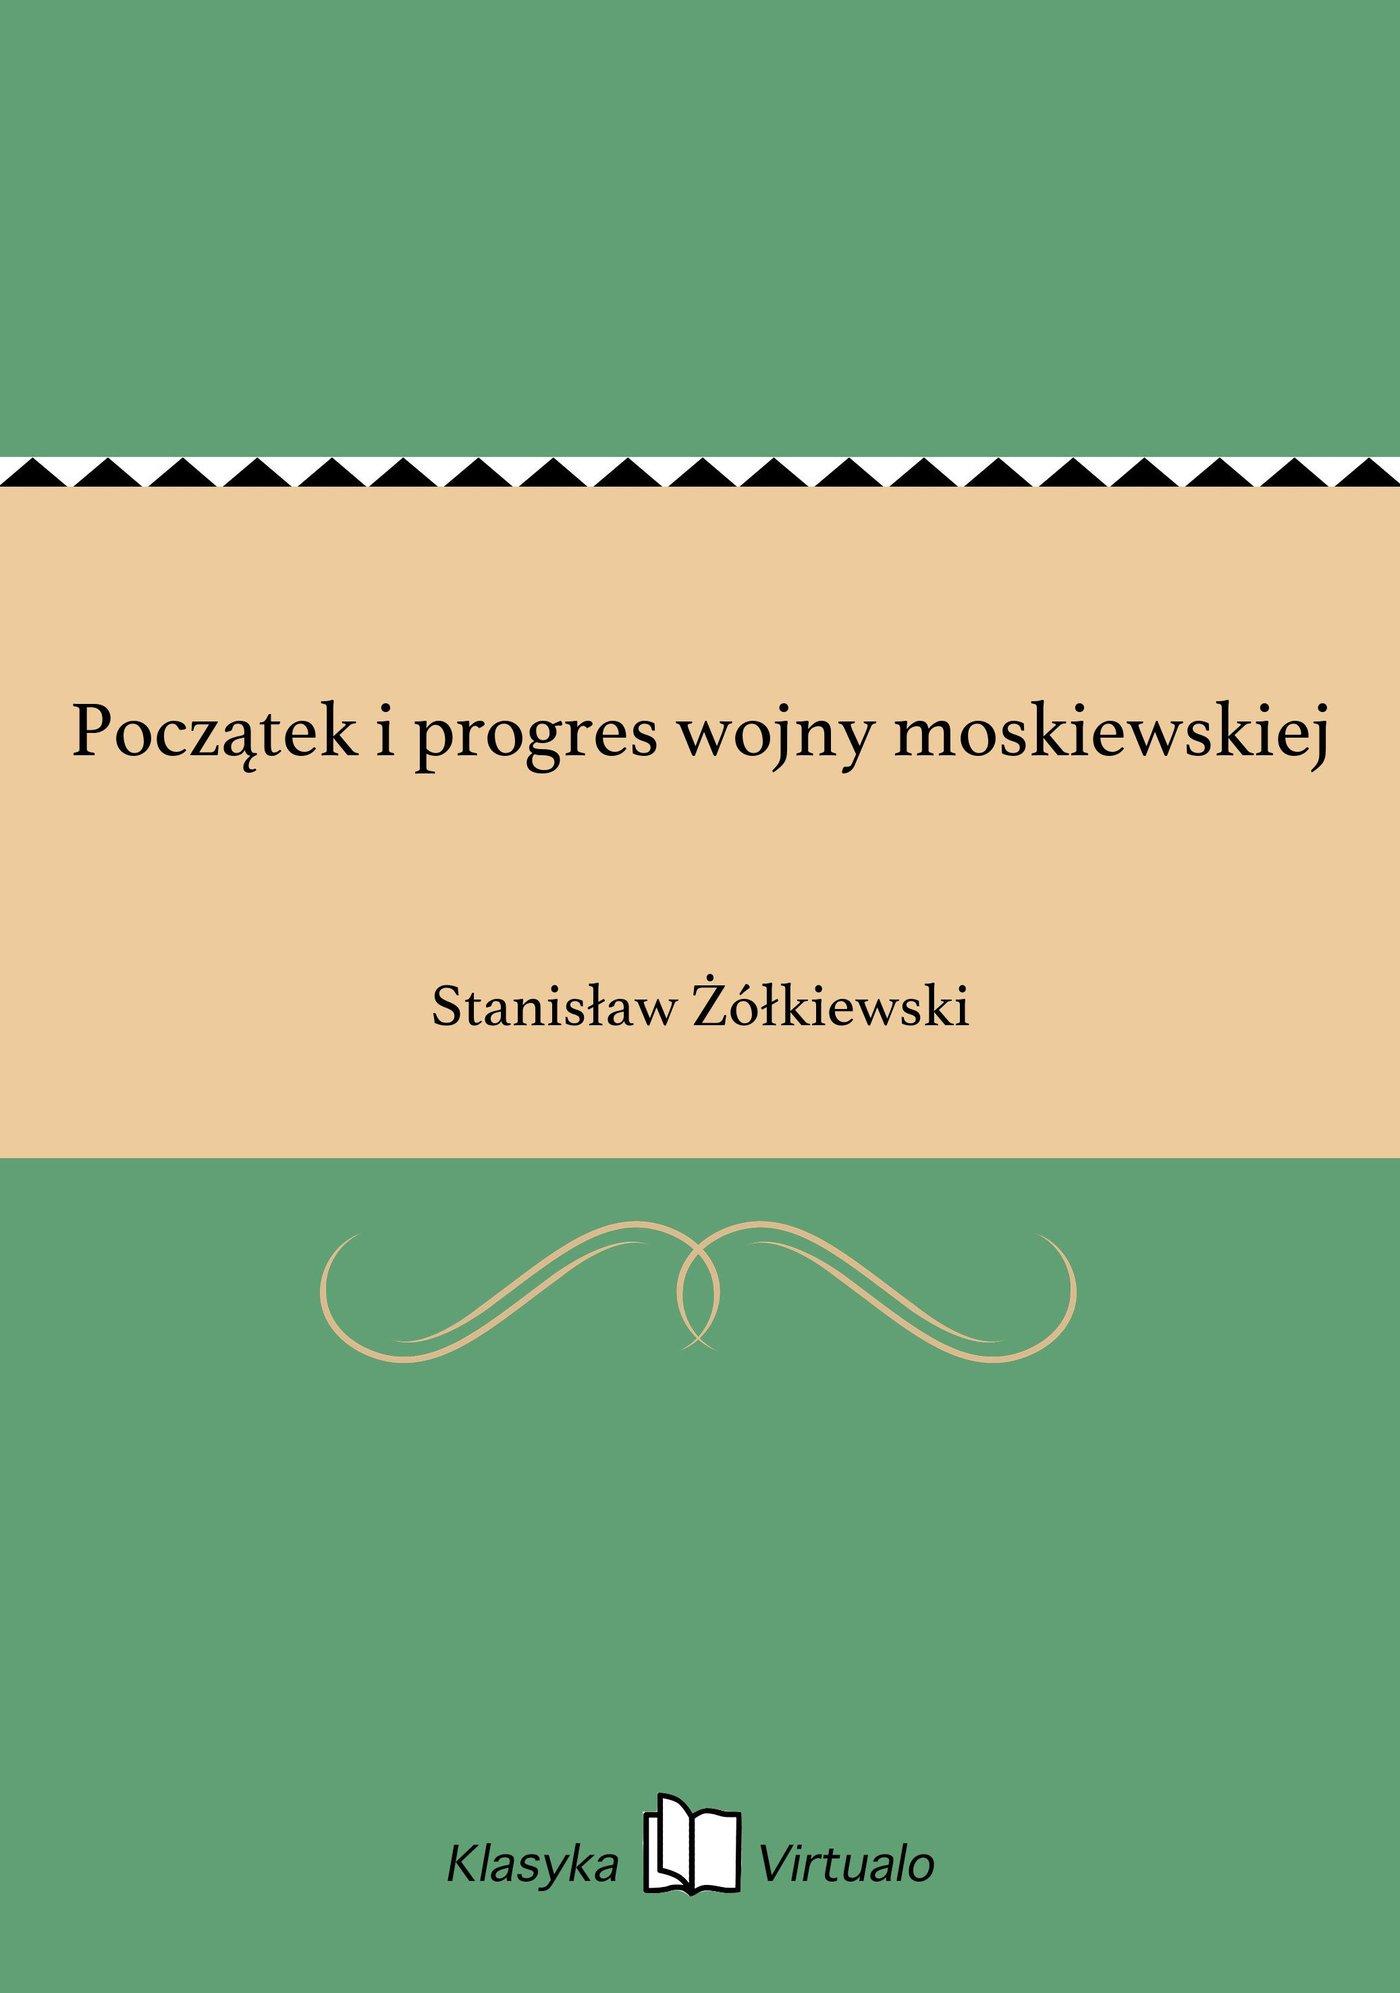 Początek i progres wojny moskiewskiej - Ebook (Książka EPUB) do pobrania w formacie EPUB